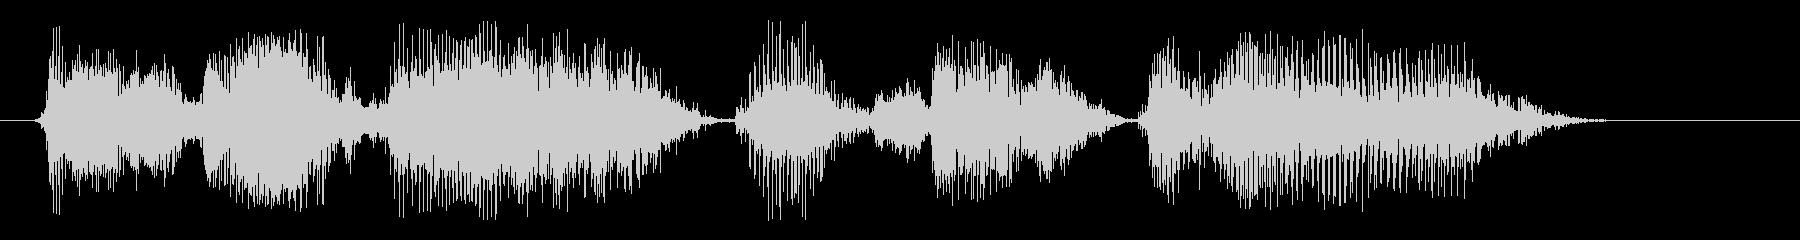 コンピューター、男性の声:パスワー...の未再生の波形